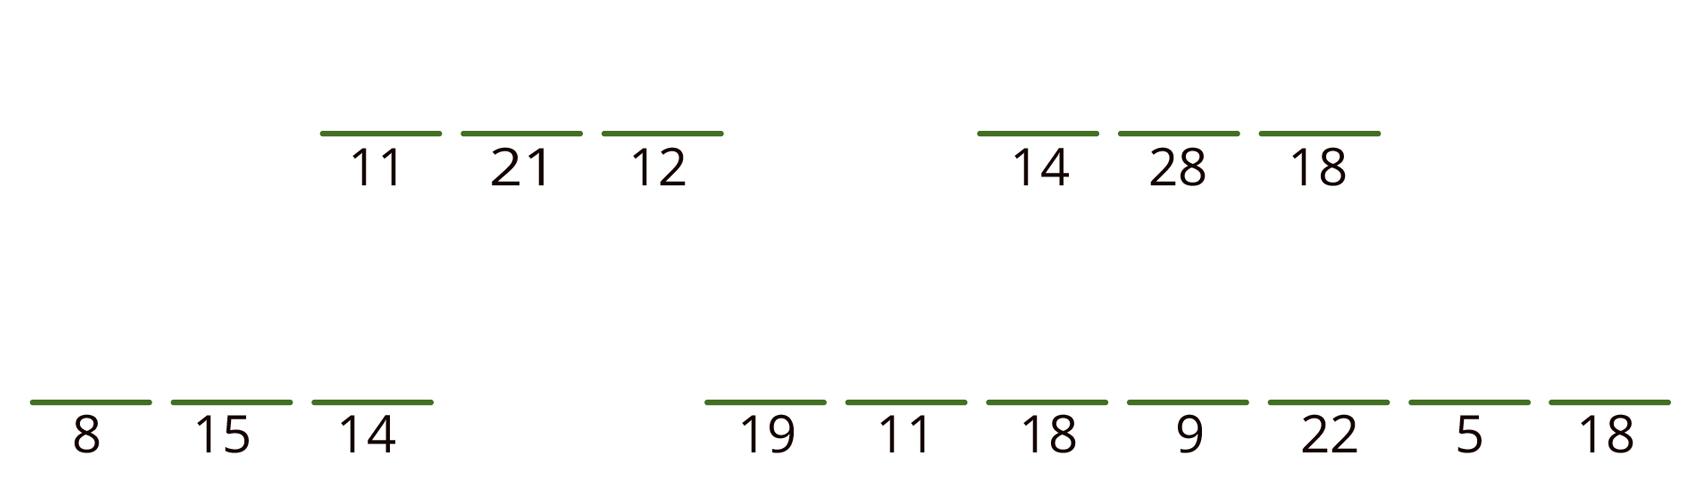 11 21 12 nytt ord 14 28 18 nytt ord 8 15 14 nytt ord 19 11 18 9 22 5 18